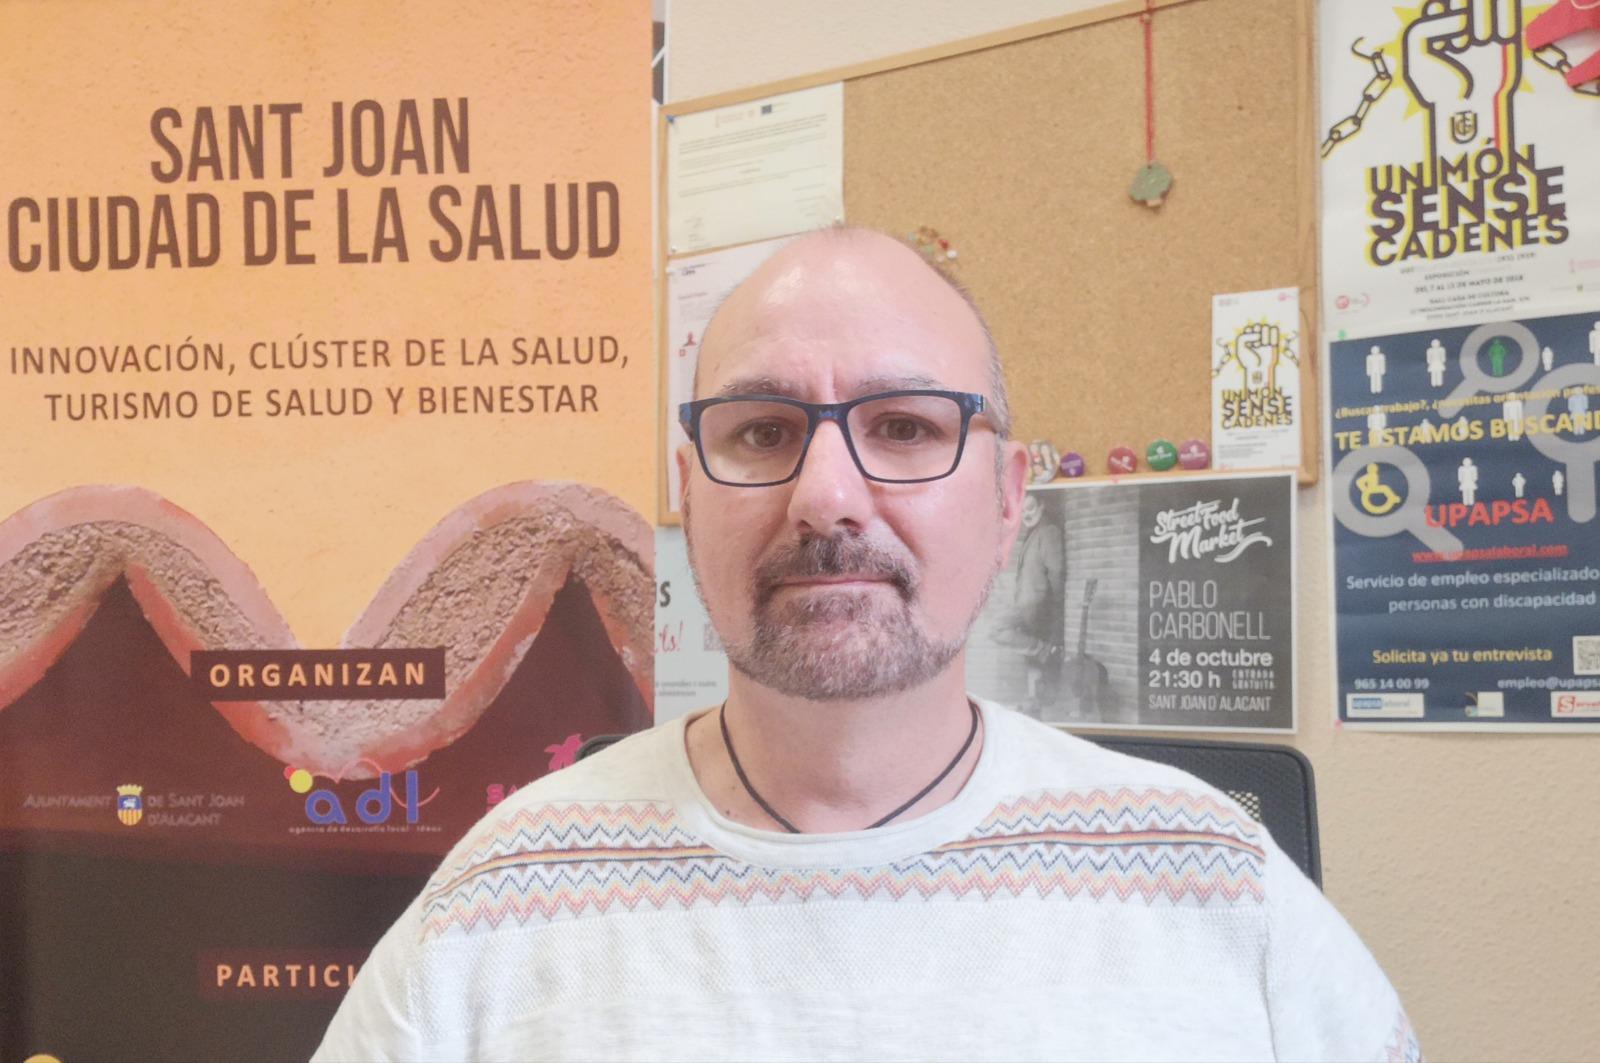 Manel Giner, concejal del Ayuntamiento de Sant Joan